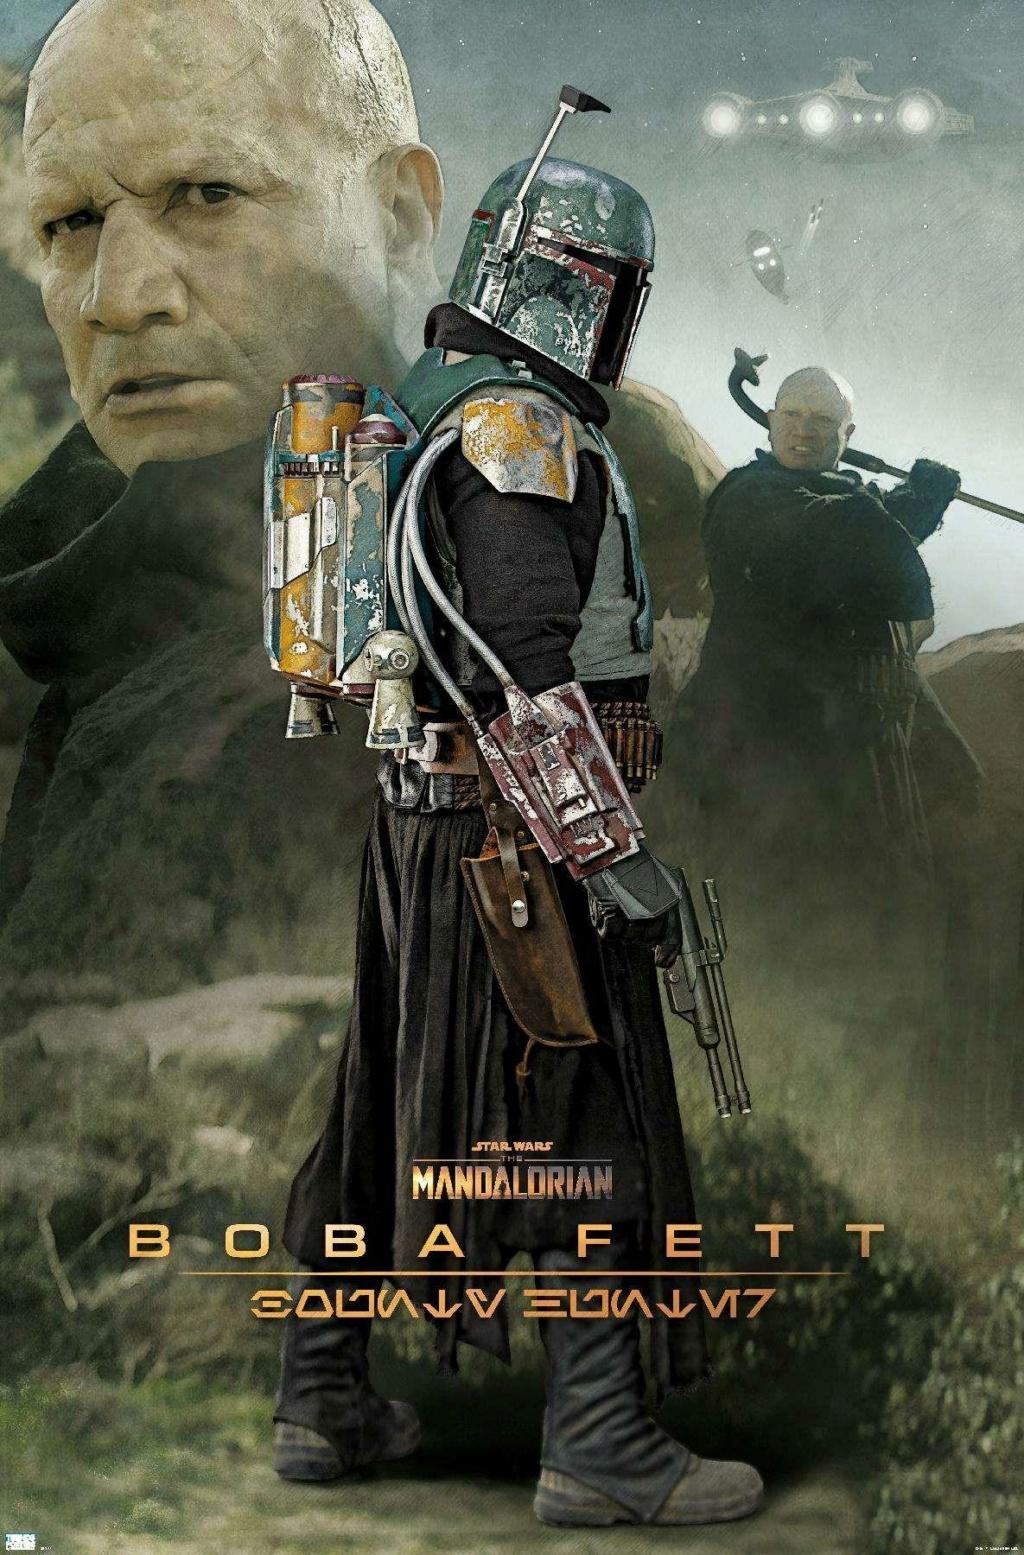 Les NEWS de la saison 2 de Star Wars The Mandalorian  - Page 3 Trends17